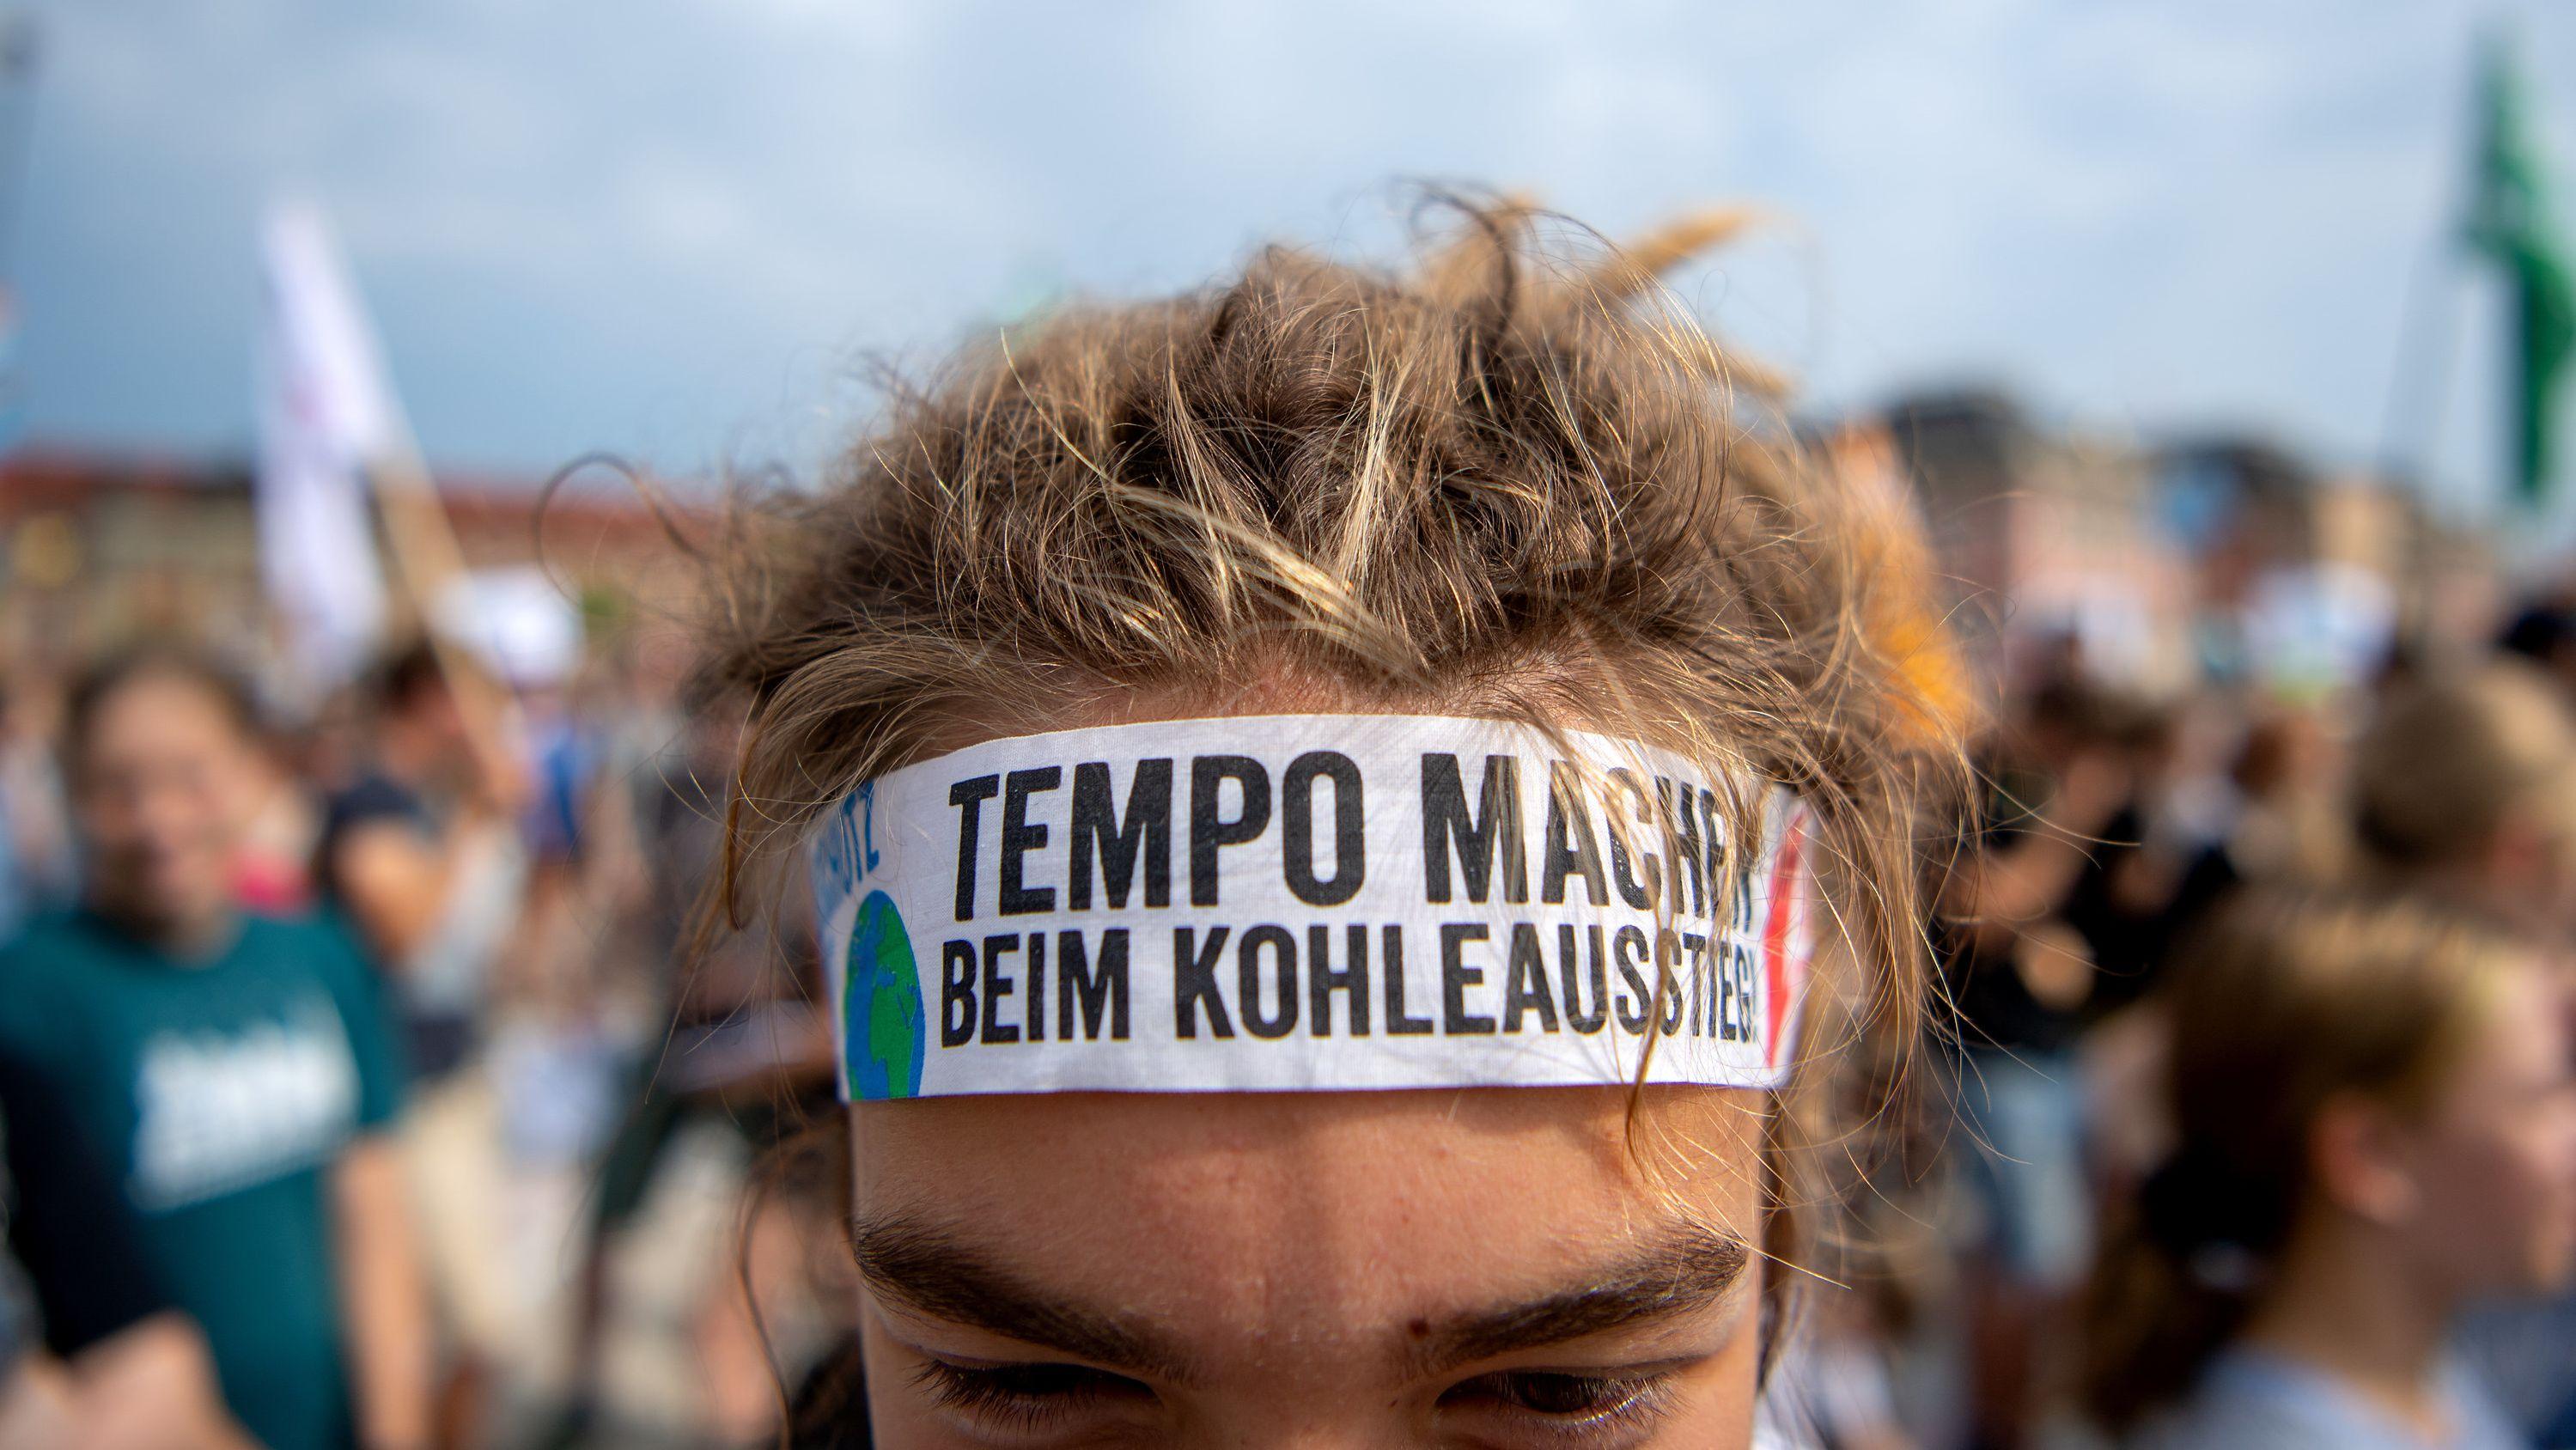 """Ein Schüler trägt bei der Klimademonstration """"Fridays for Future"""" im Lustgarten ein Stirnband mit der Aufschrift """"Tempo machen beim Kohleausstieg""""."""